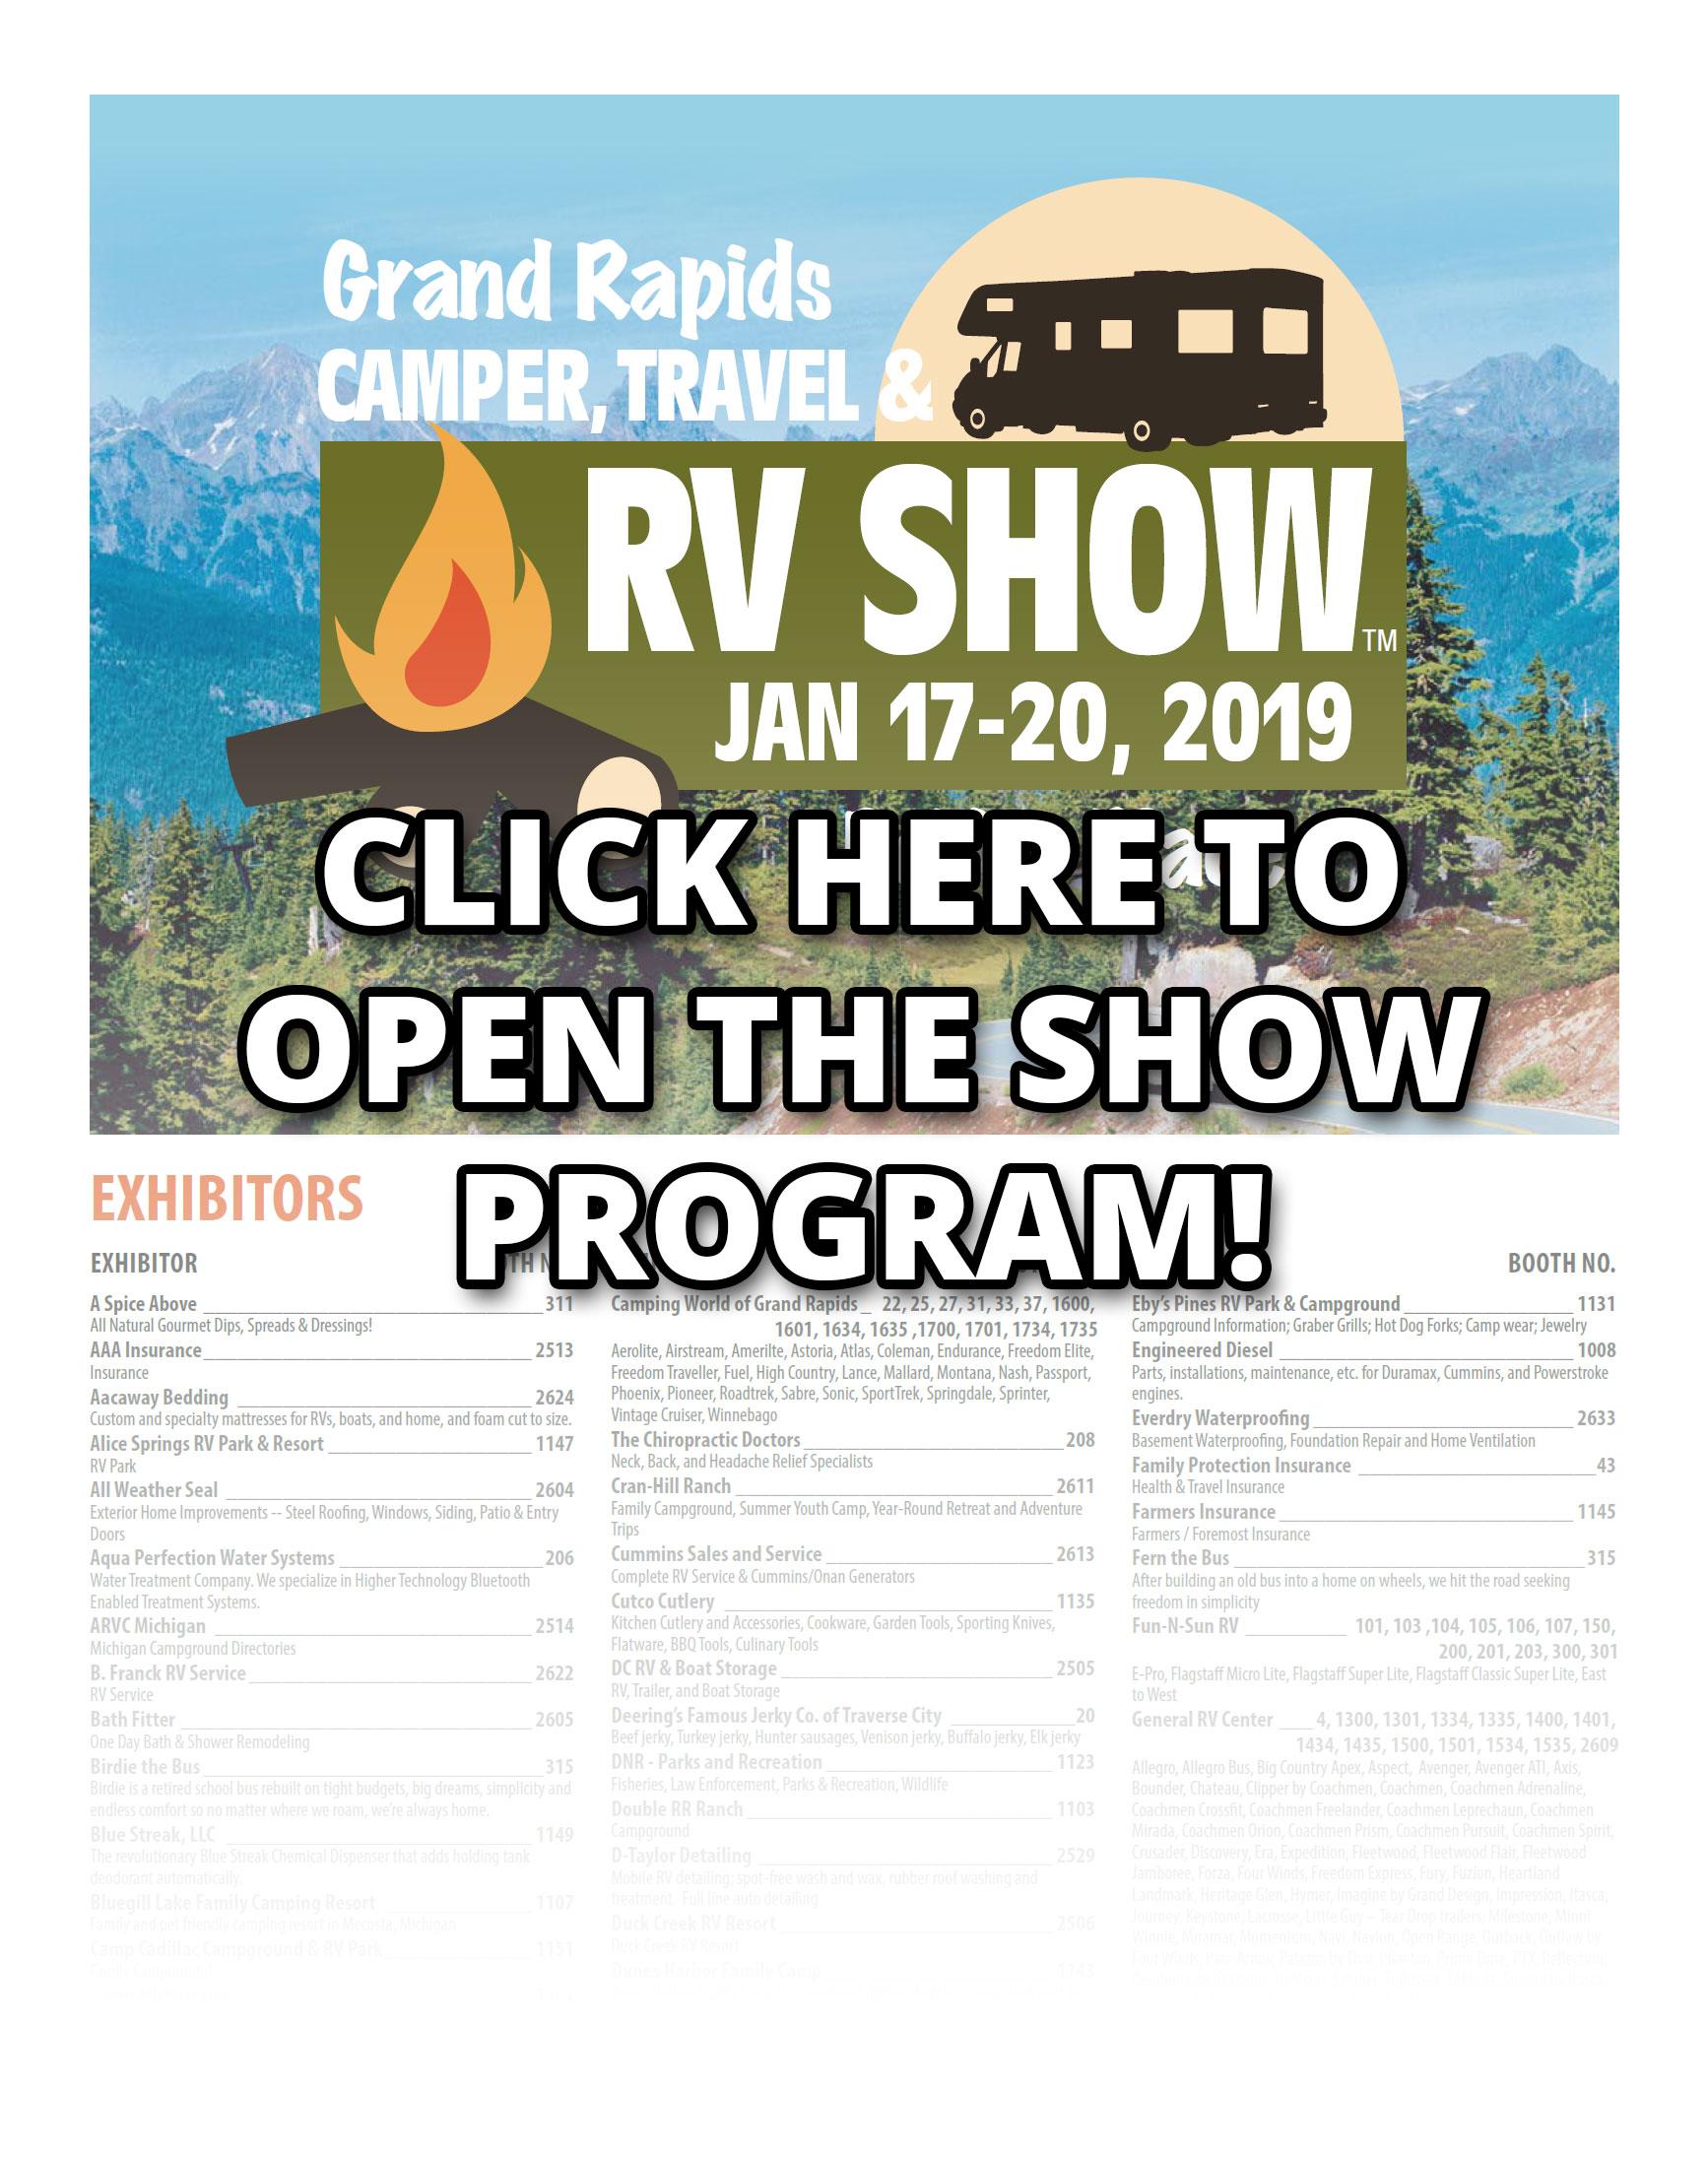 Grand Rapids Camper, Travel & RV Show